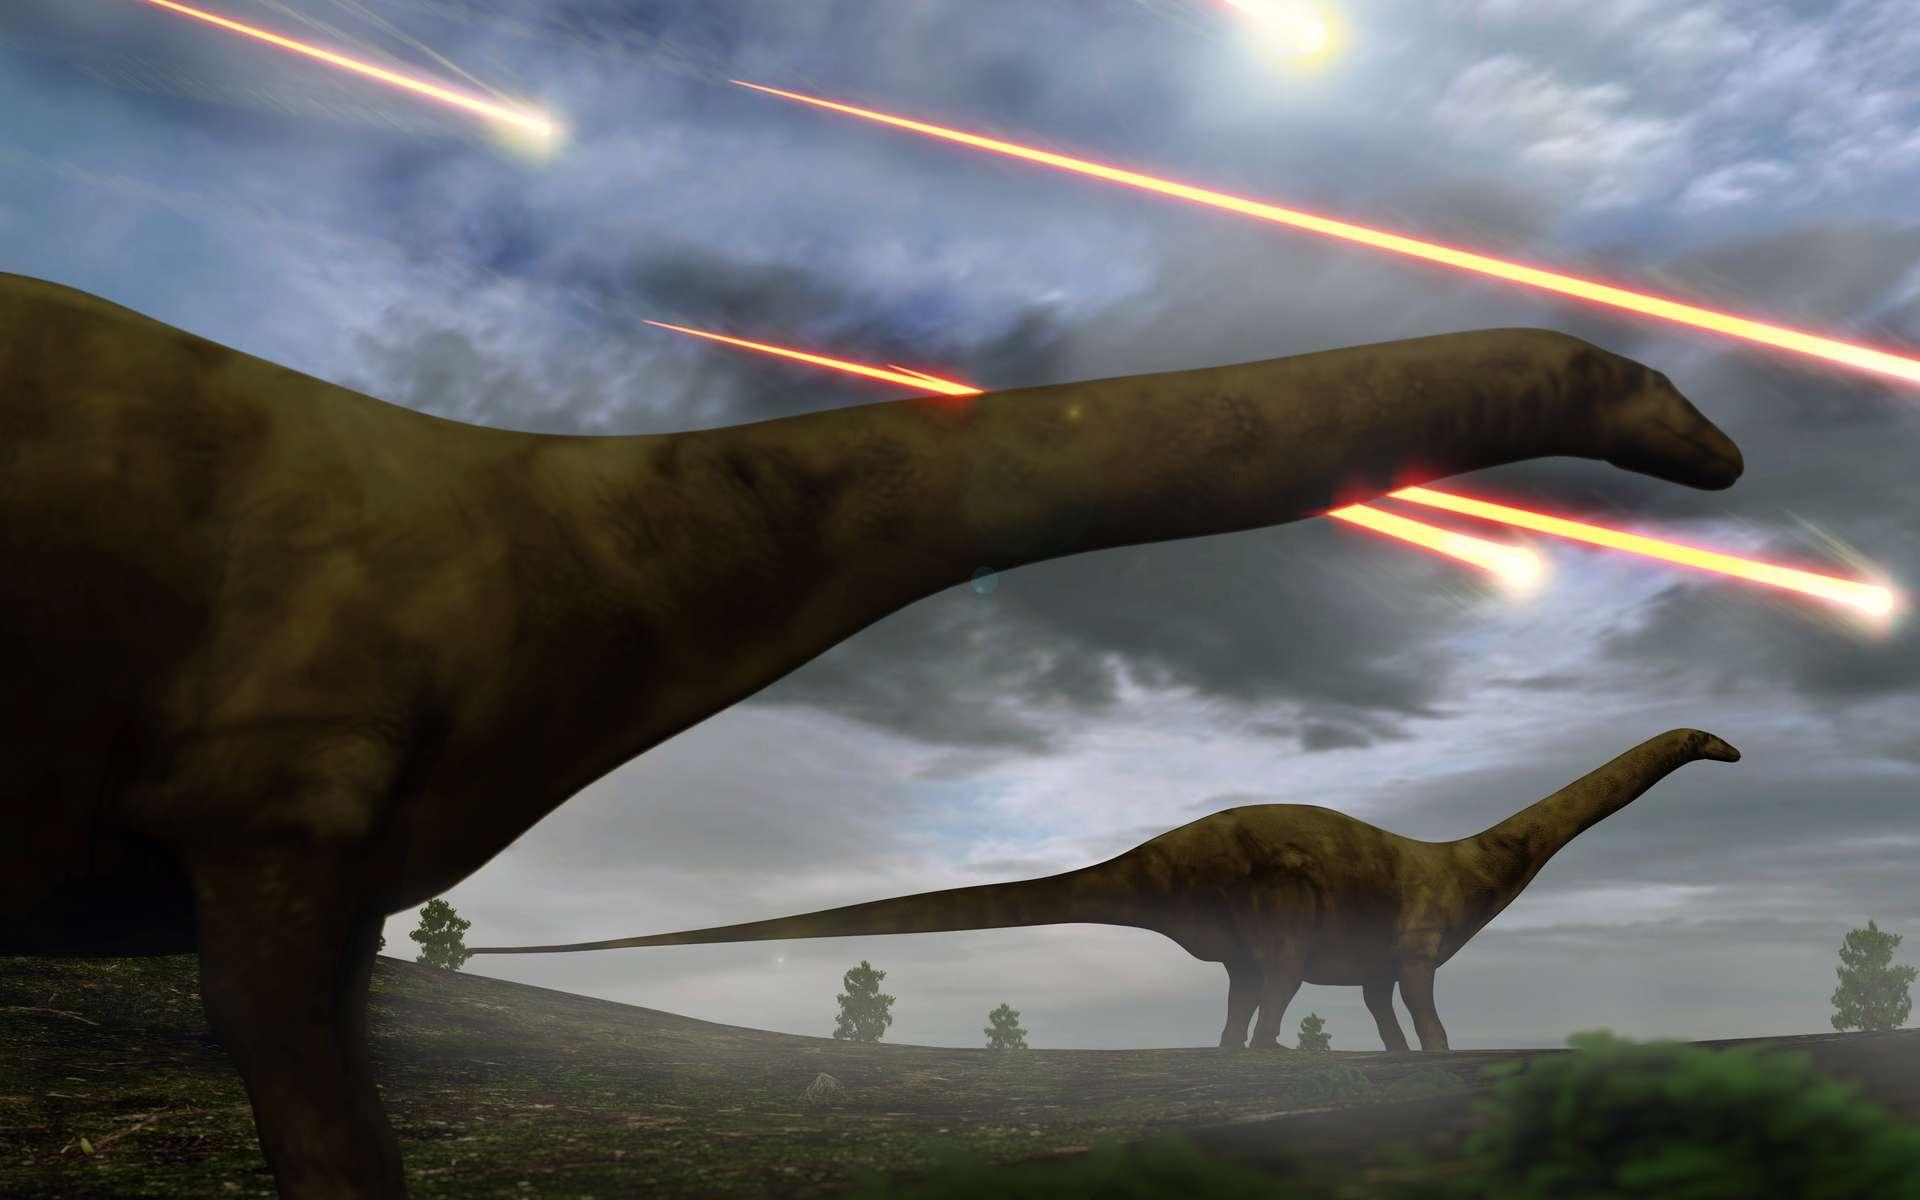 Une vue d'artiste de l'époque des dinosaures. © auntspray, Adobe Stock